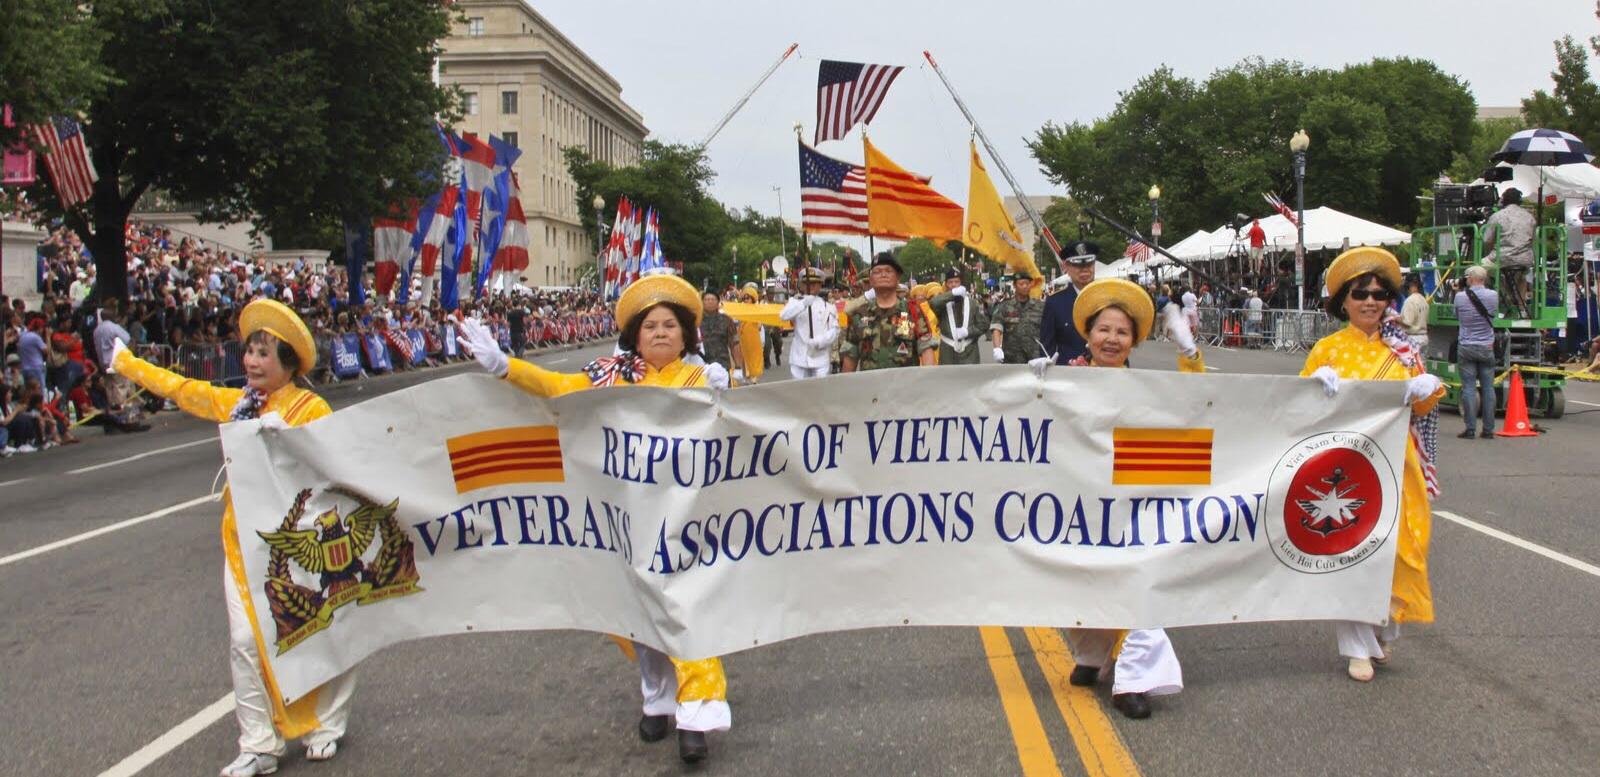 VNCH Republic of Vietnam